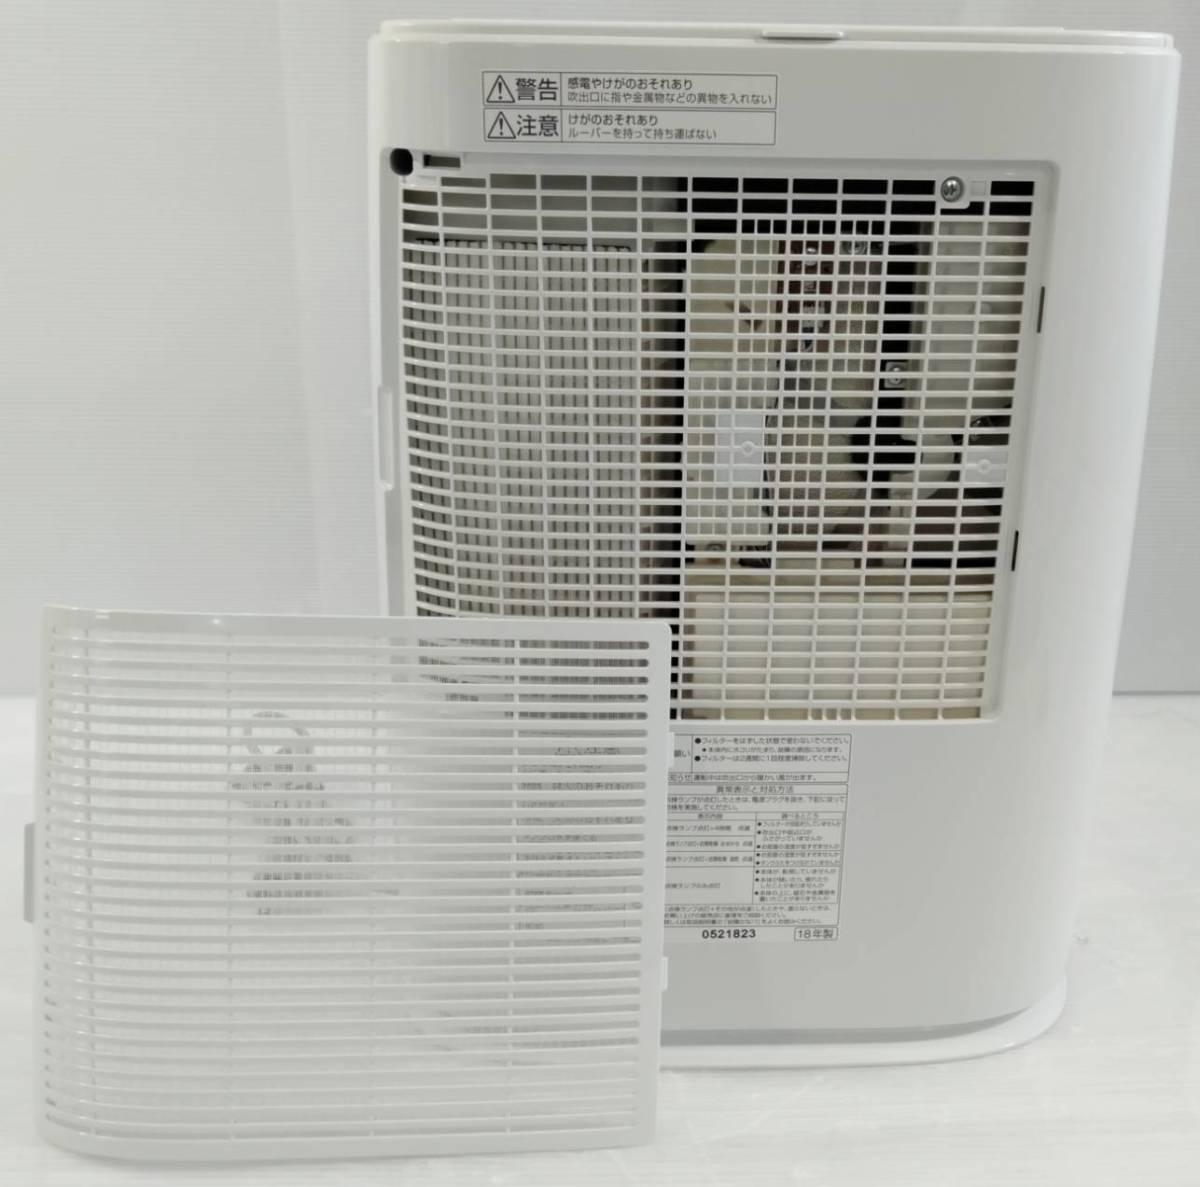 【美品】 Panasonic F-YZRX60-S [衣類乾燥除湿機 デシカント方式 エコナビ・ナノイー 木造7畳/プレハブ11畳/鉄筋14畳 シルバー]_画像6